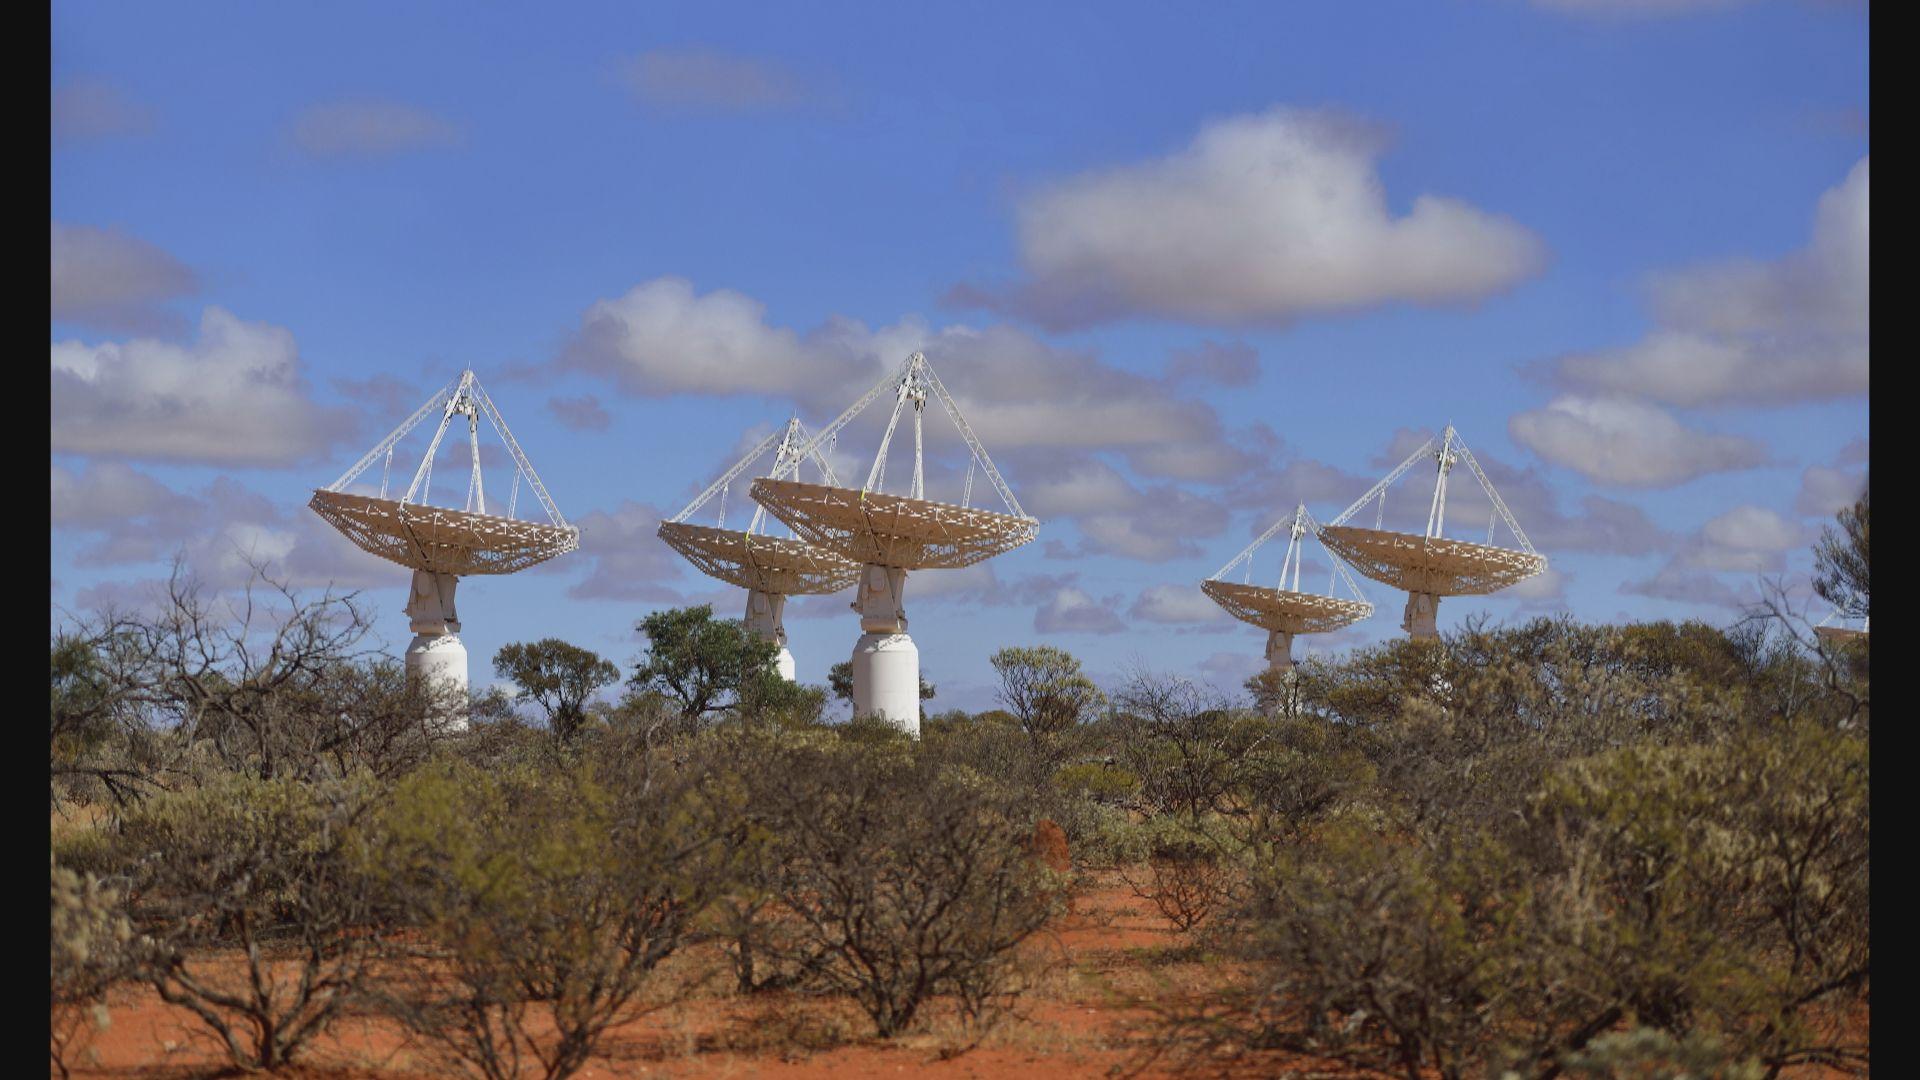 澳洲巨型望遠鏡破紀錄兩周內觀測南半球約三百萬星系